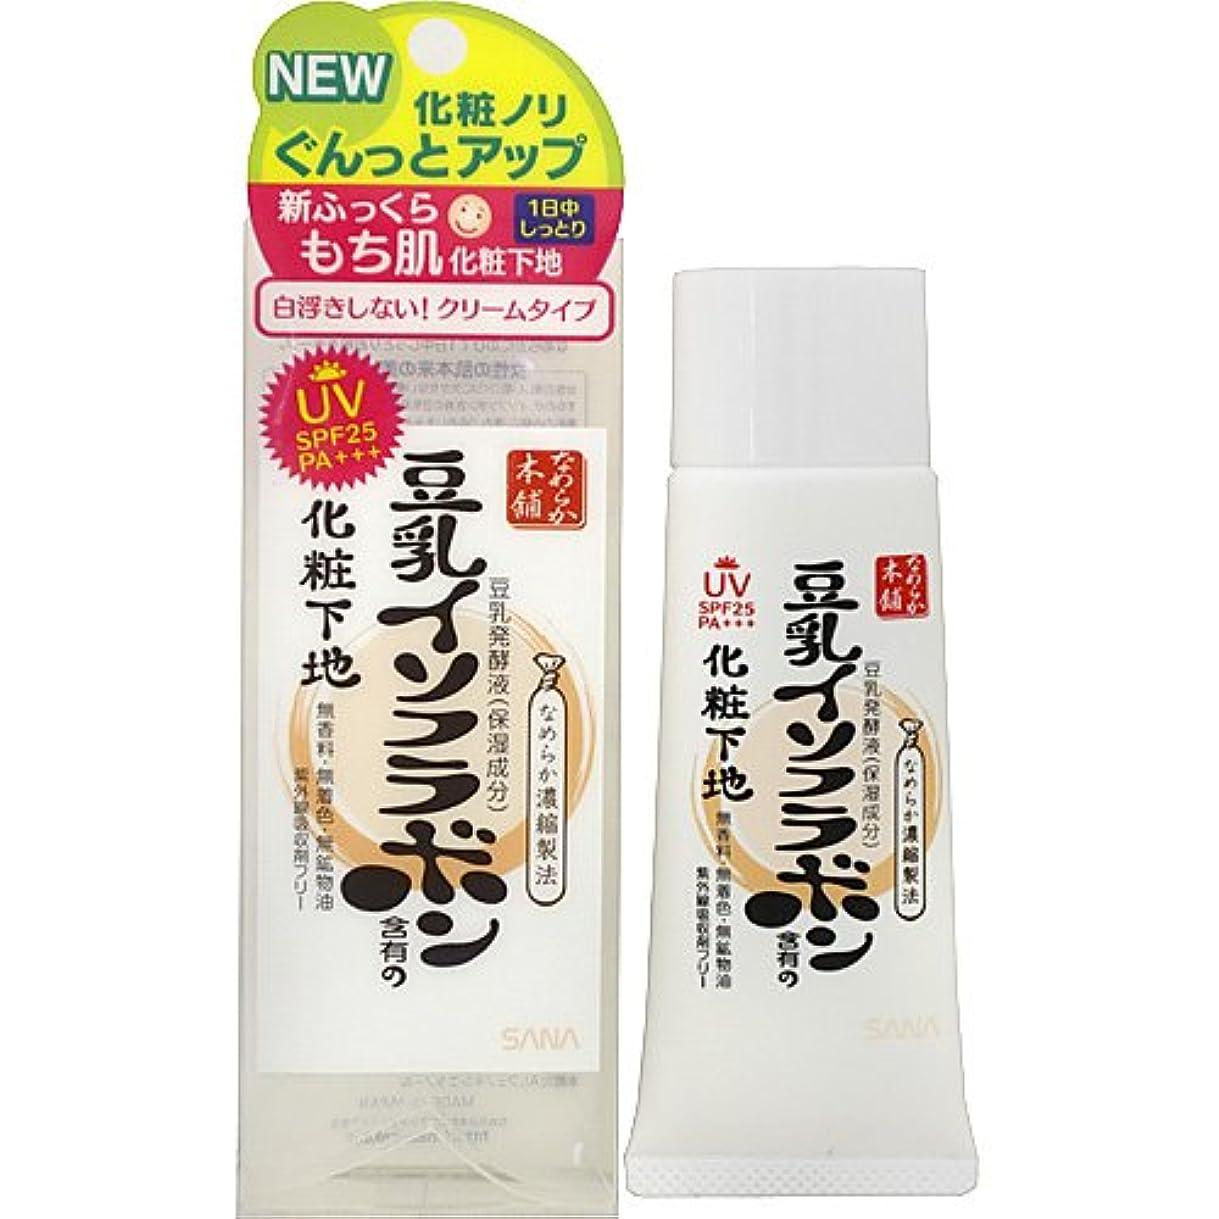 動脈メジャー名門サナ なめらか本舗 豆乳イソフラボン含有のUV化粧下地N 40g x 3